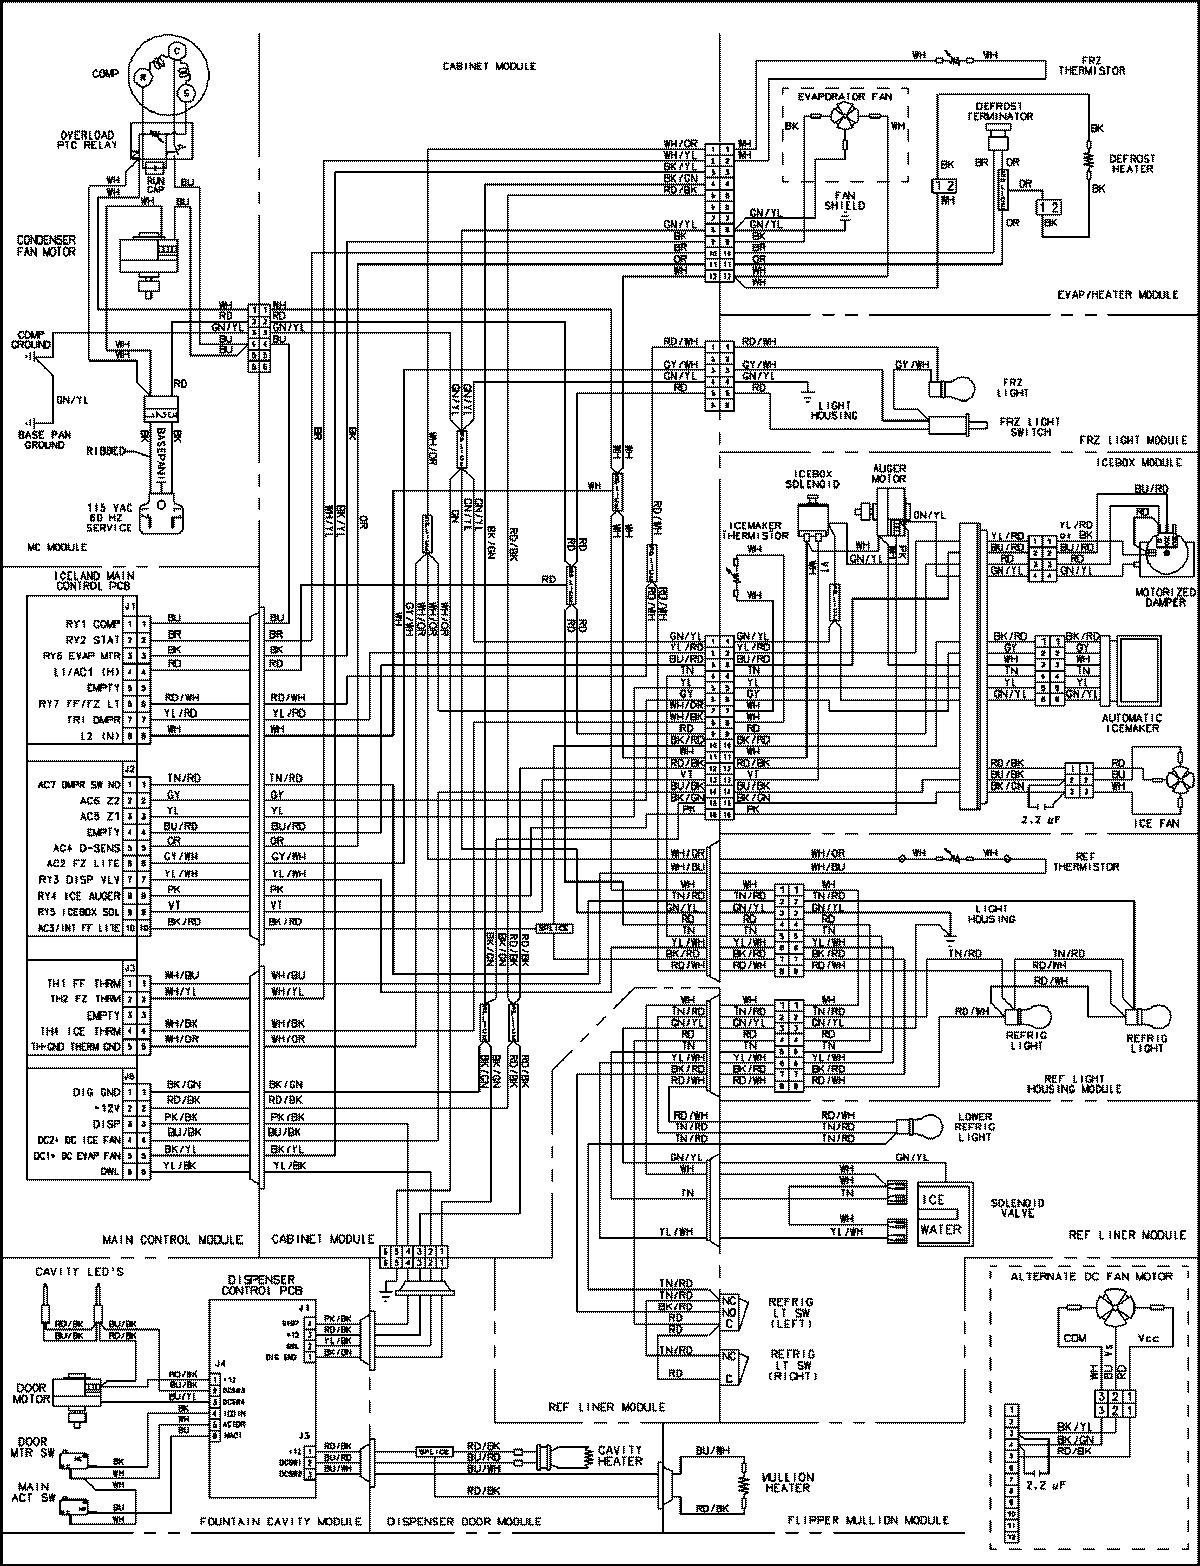 Diagram Ge Stove Wiring Diagram